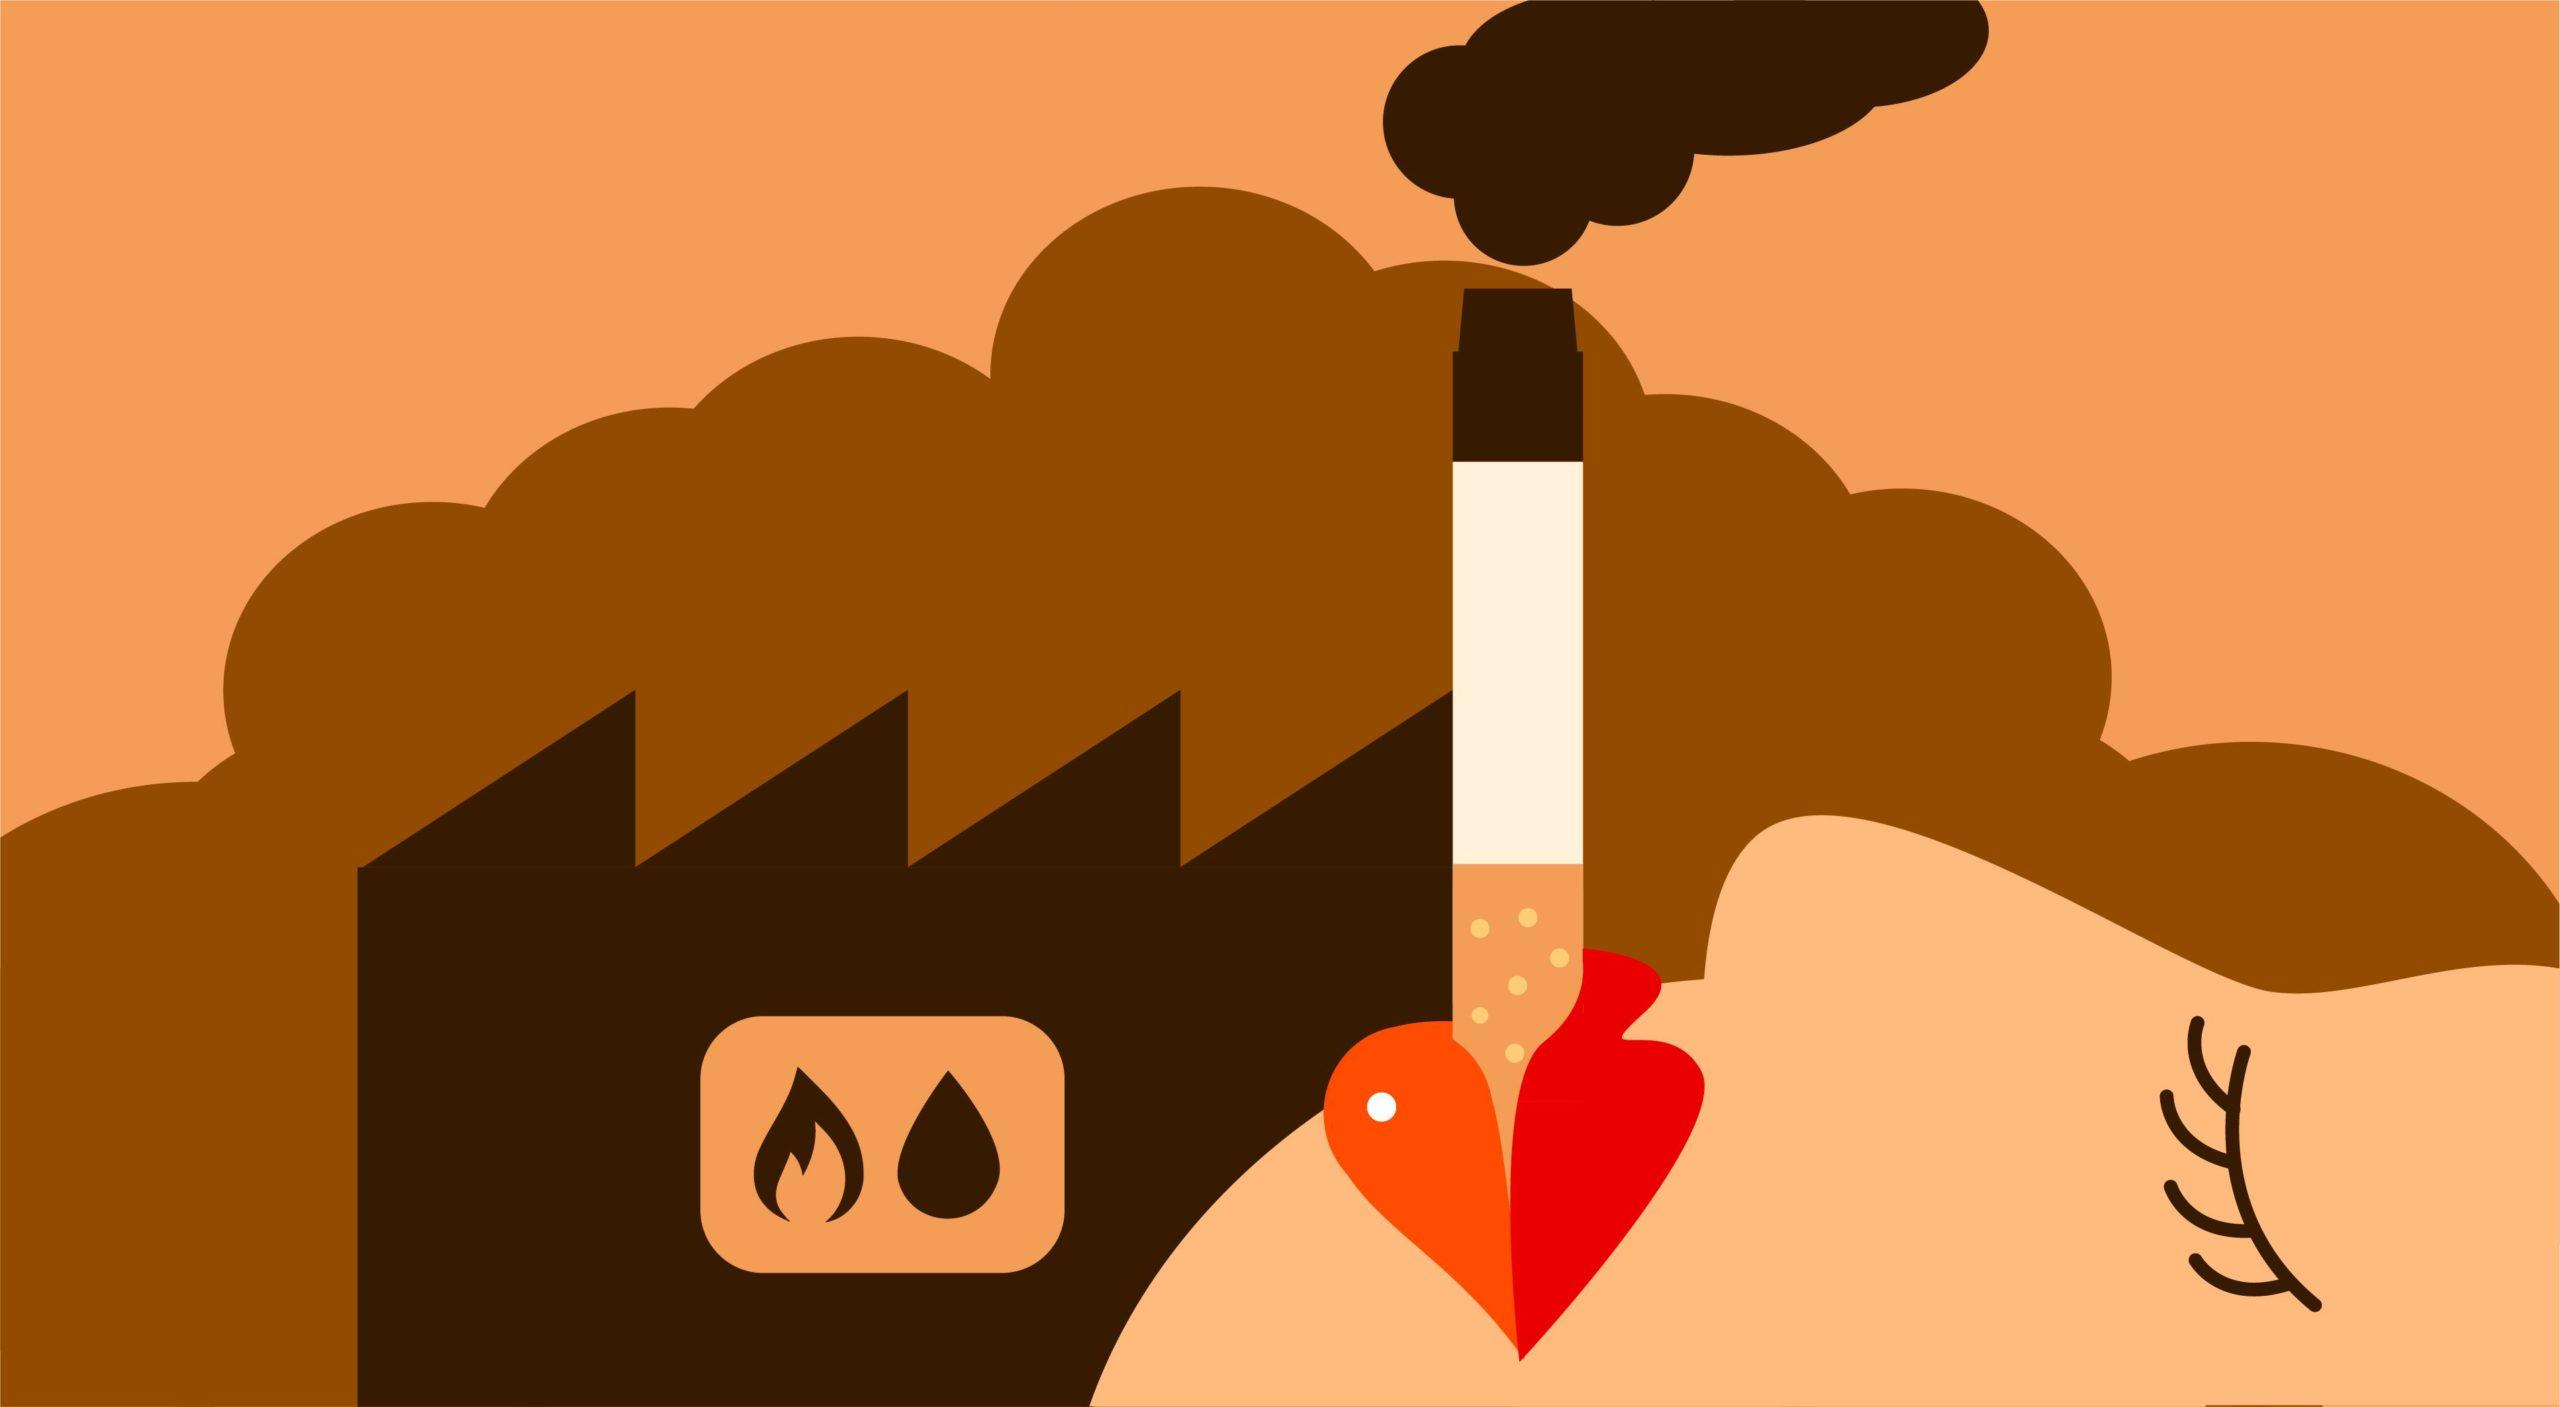 Een tabakswet voor de fossiele industrie: verbied fossiele reclame en zet een waarschuwing bij verkooppunten